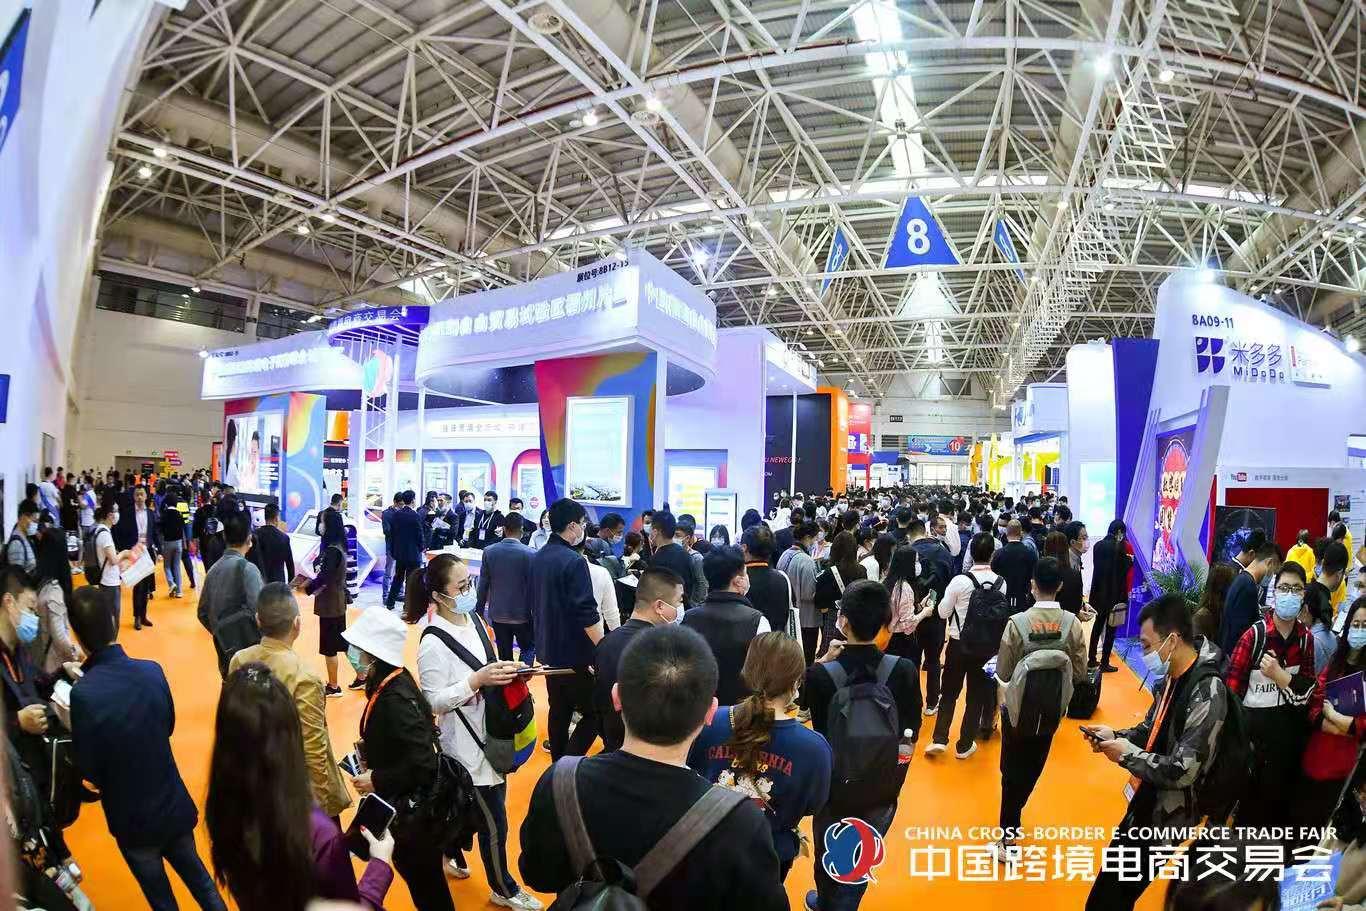 2021中国跨境电商交易会(秋季)简称:跨交会 (www.828i.com)